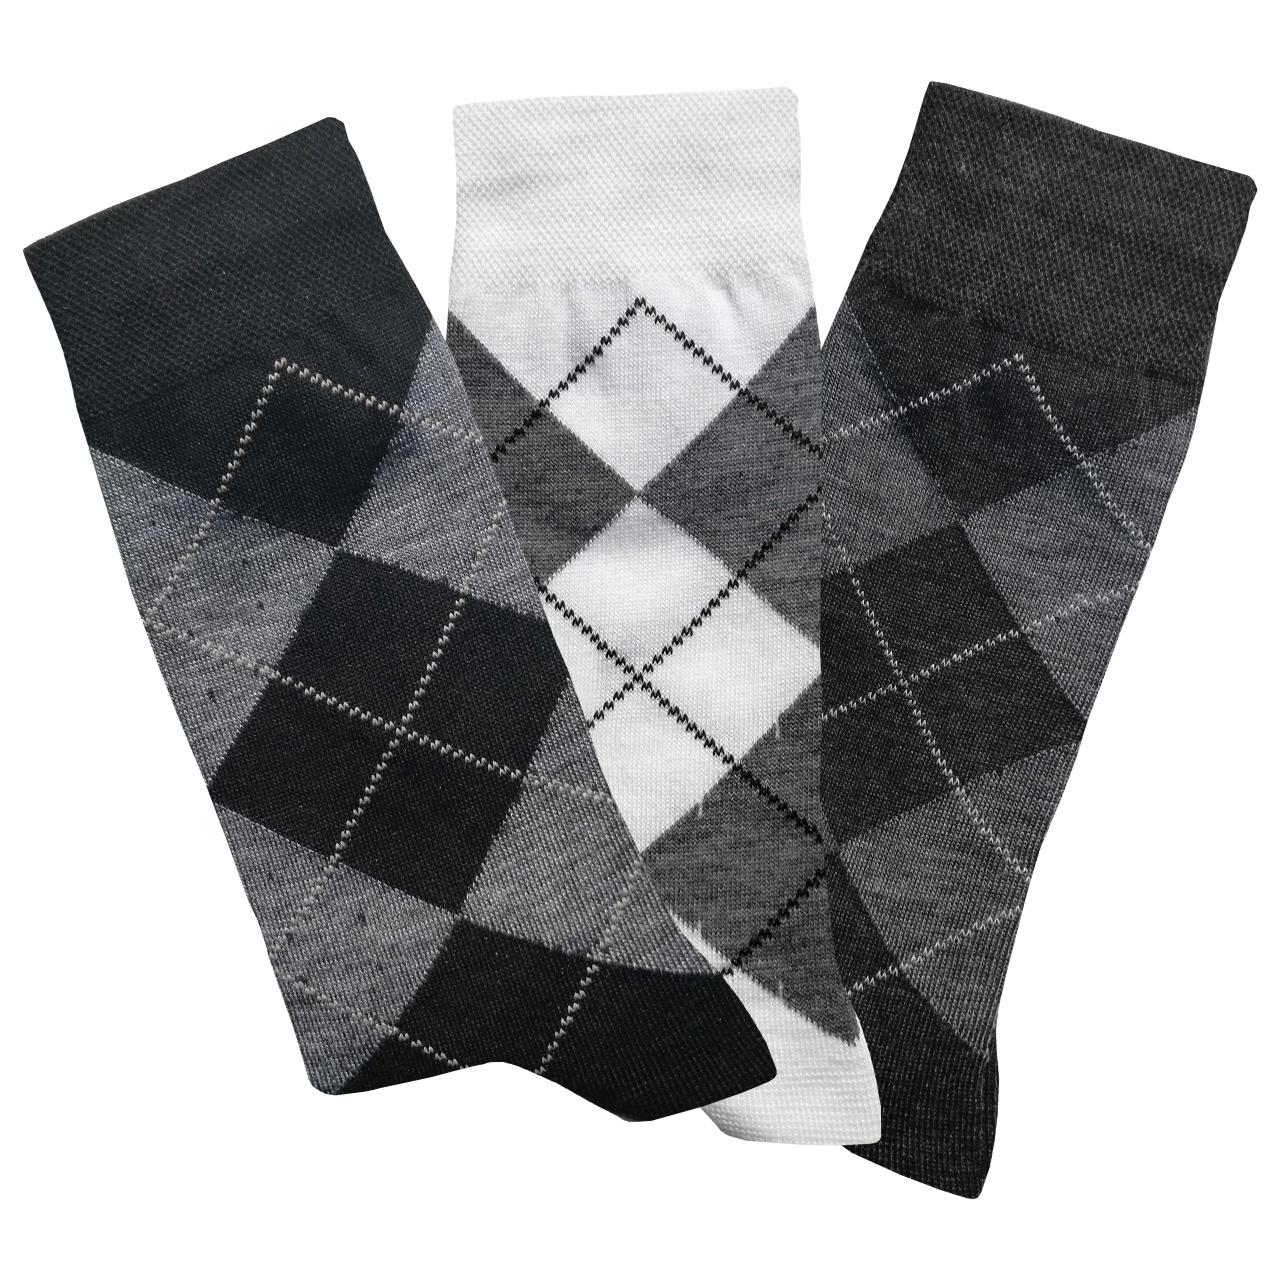 جوراب مردانه کد 4007 مجموعه 3 عددی